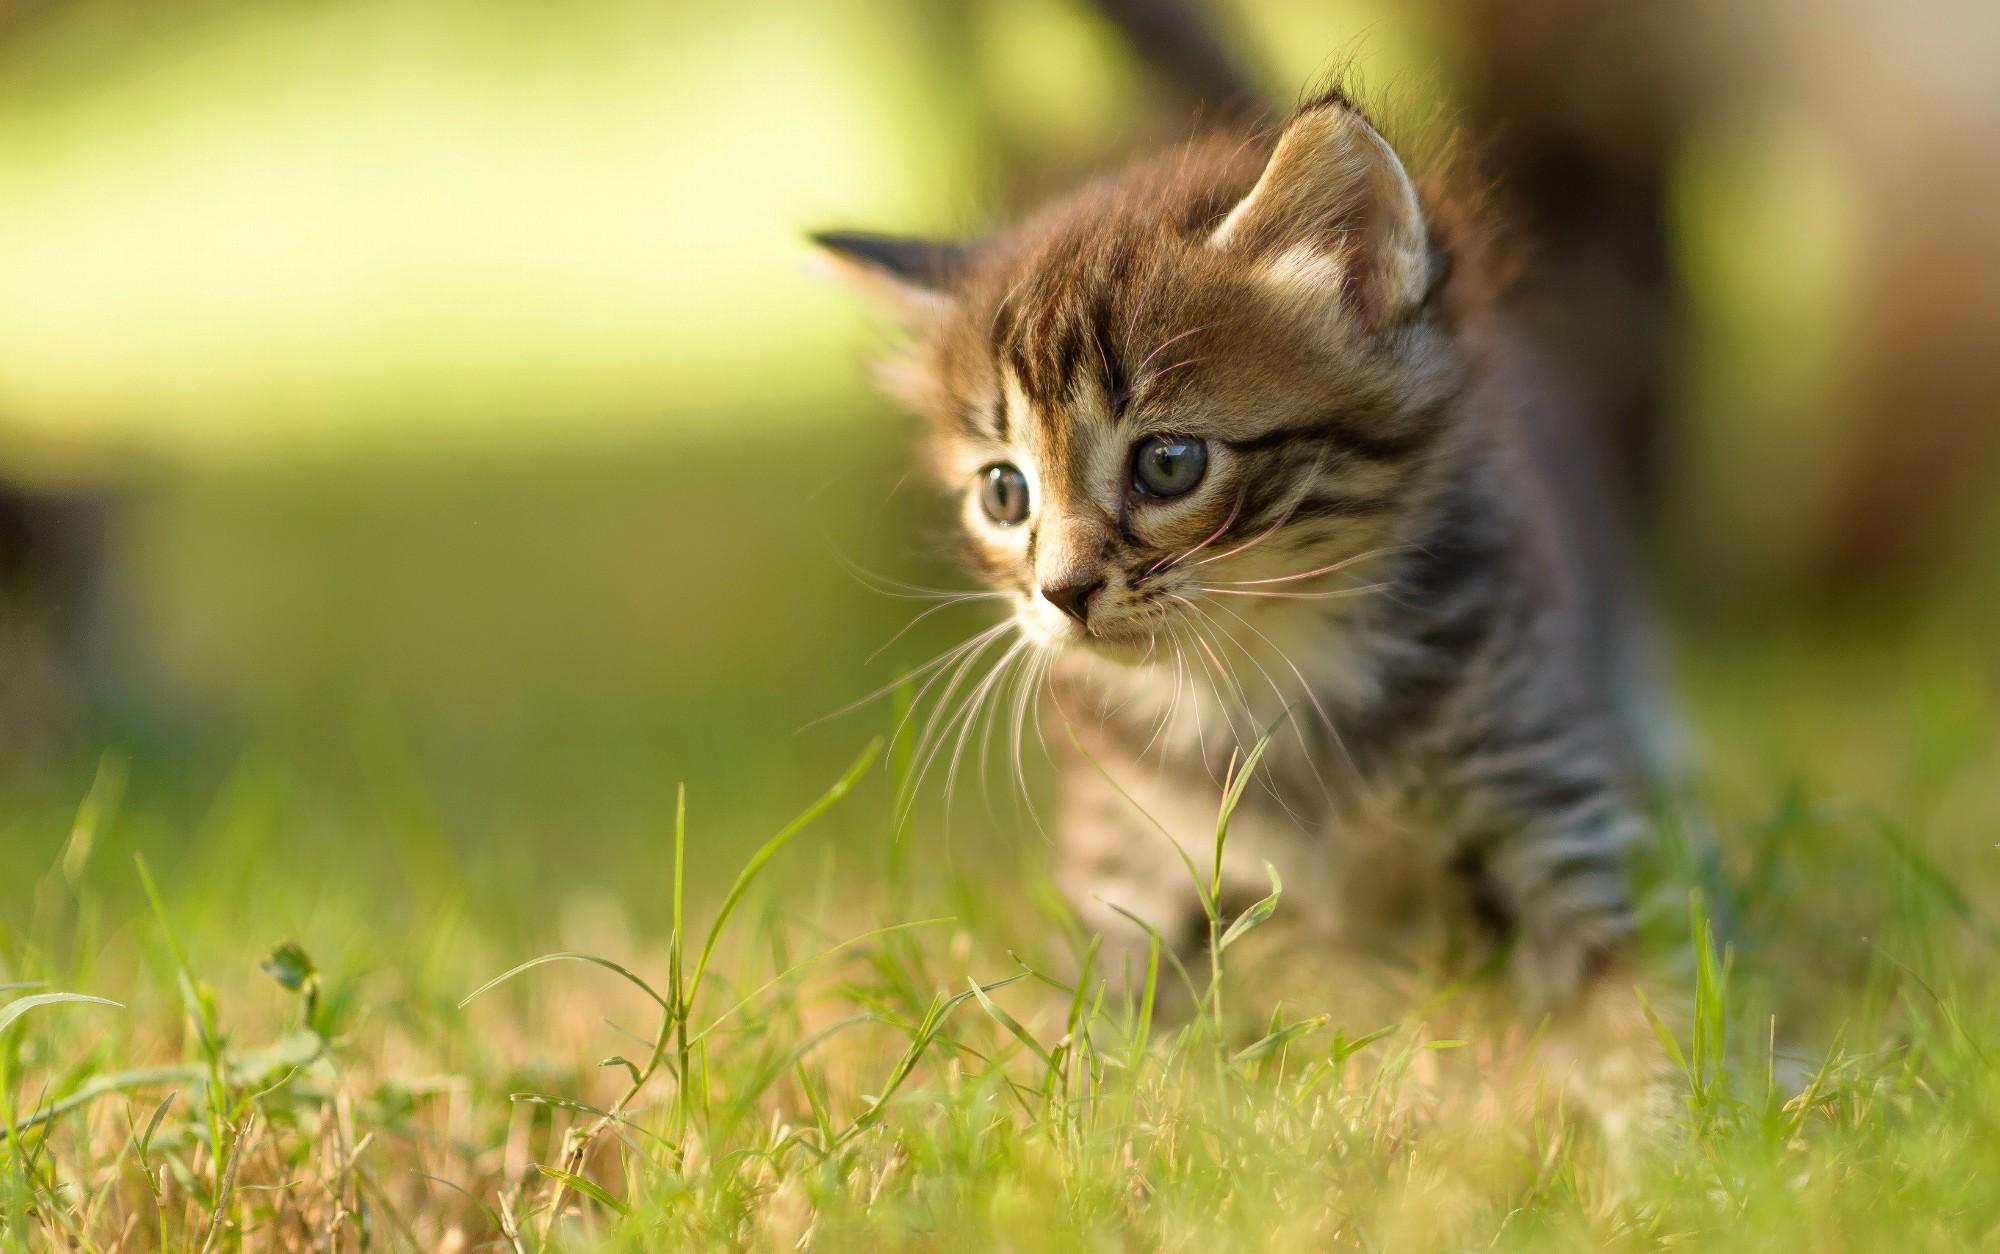 Katze hd wallpaper hintergrund 2000x1254 id 546331 - Cute kitten wallpaper free download ...